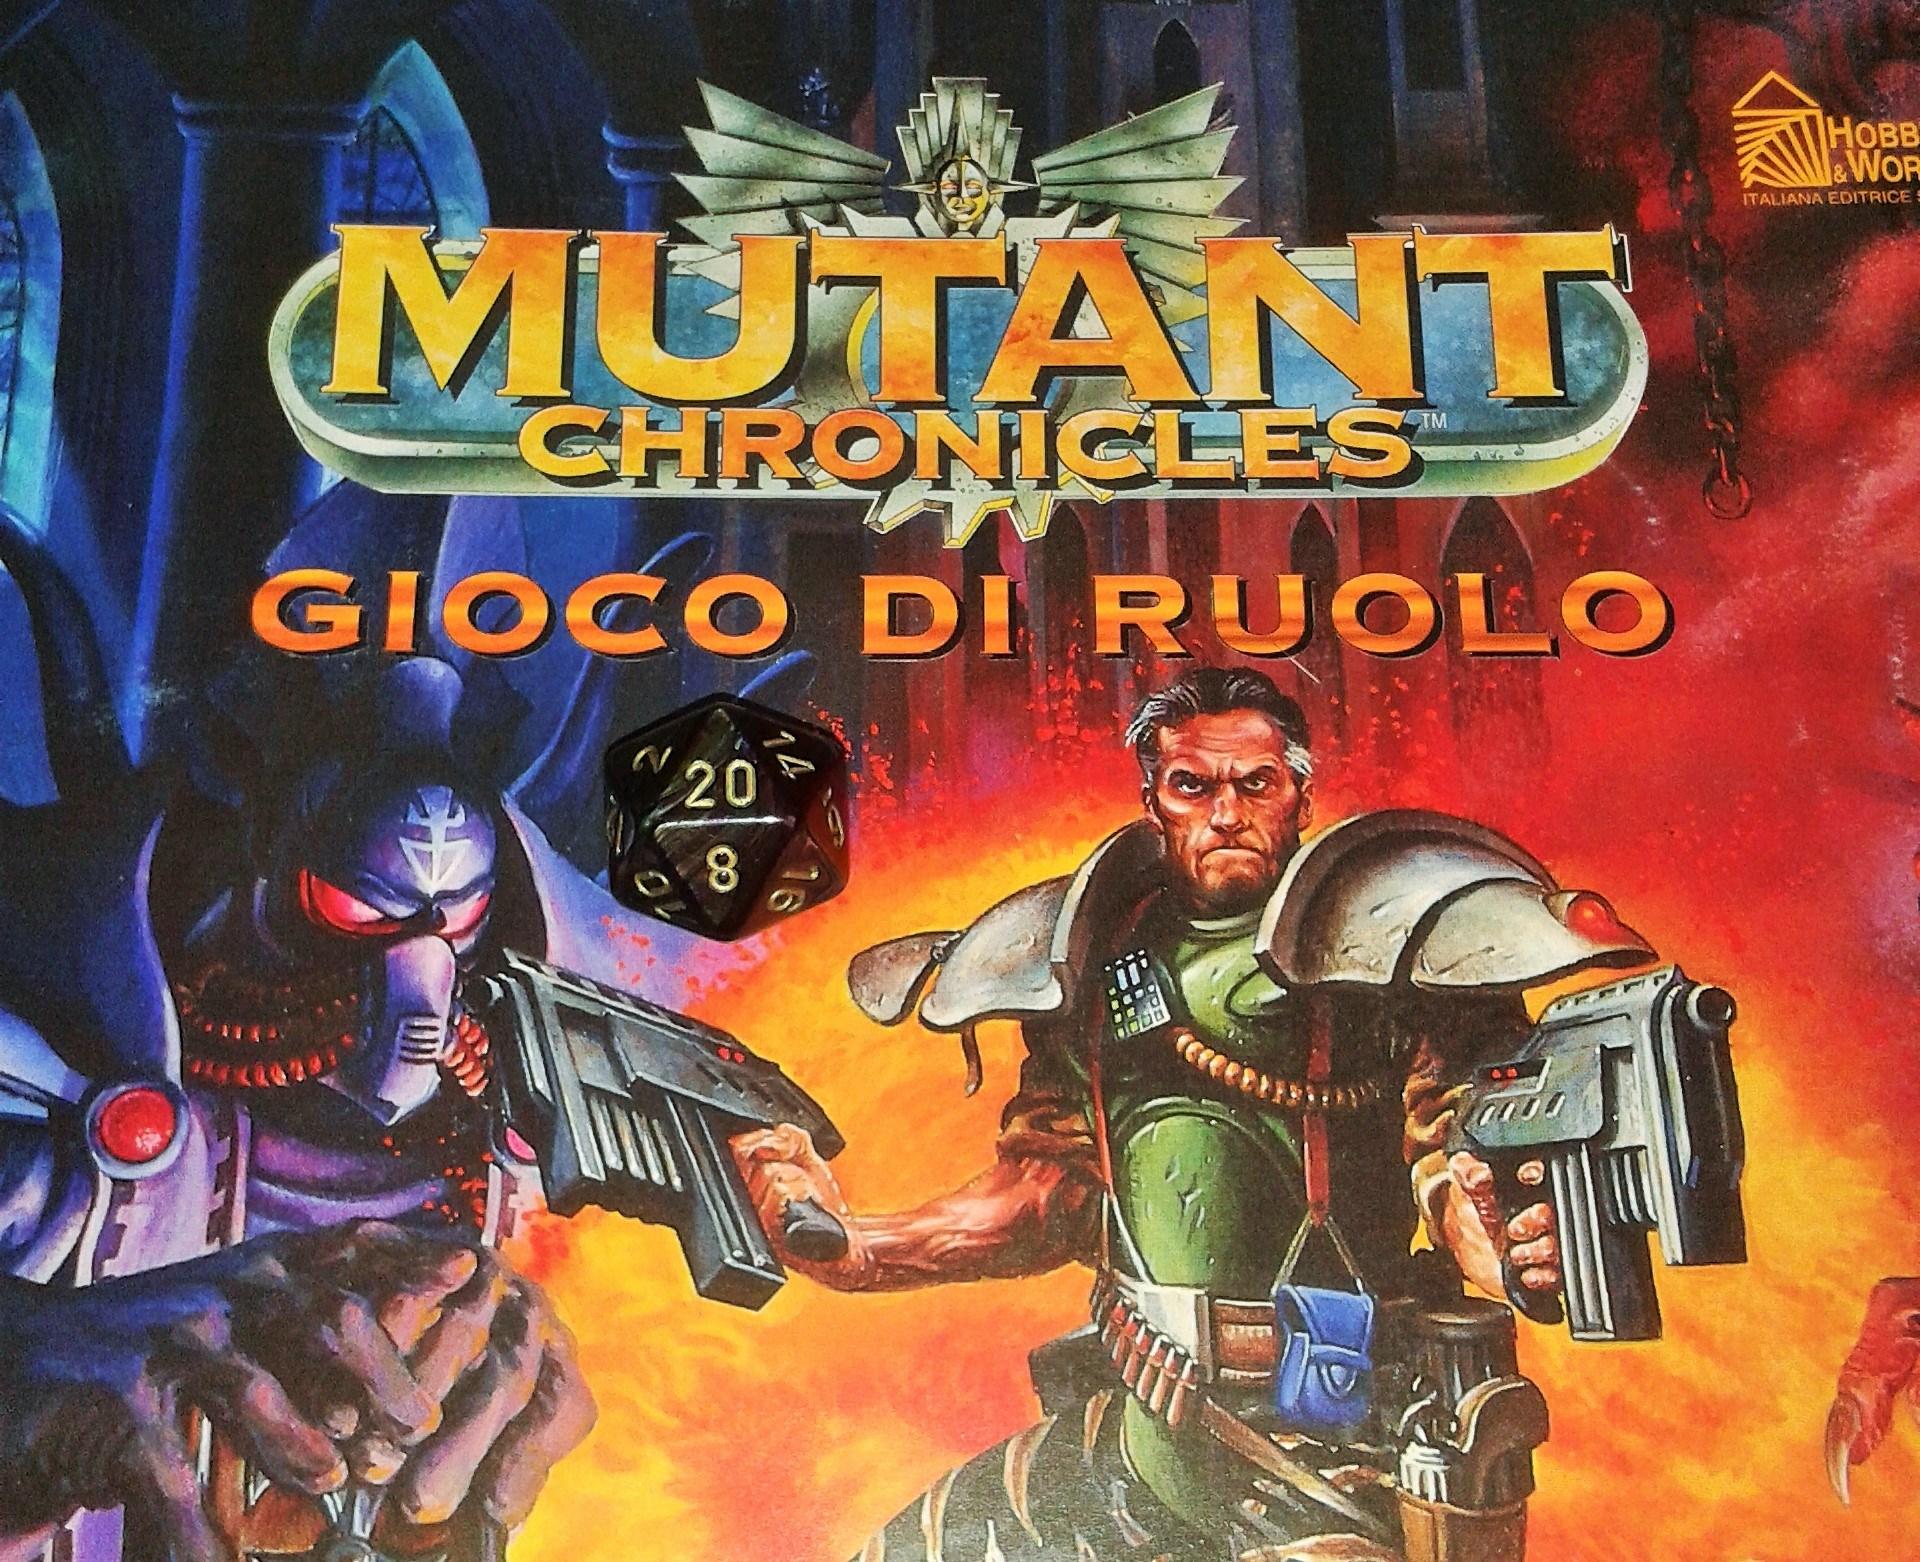 Mutant Chronicles: ambientazione cyberpunk per videogame e giochi di ruolo 1 - fanzine